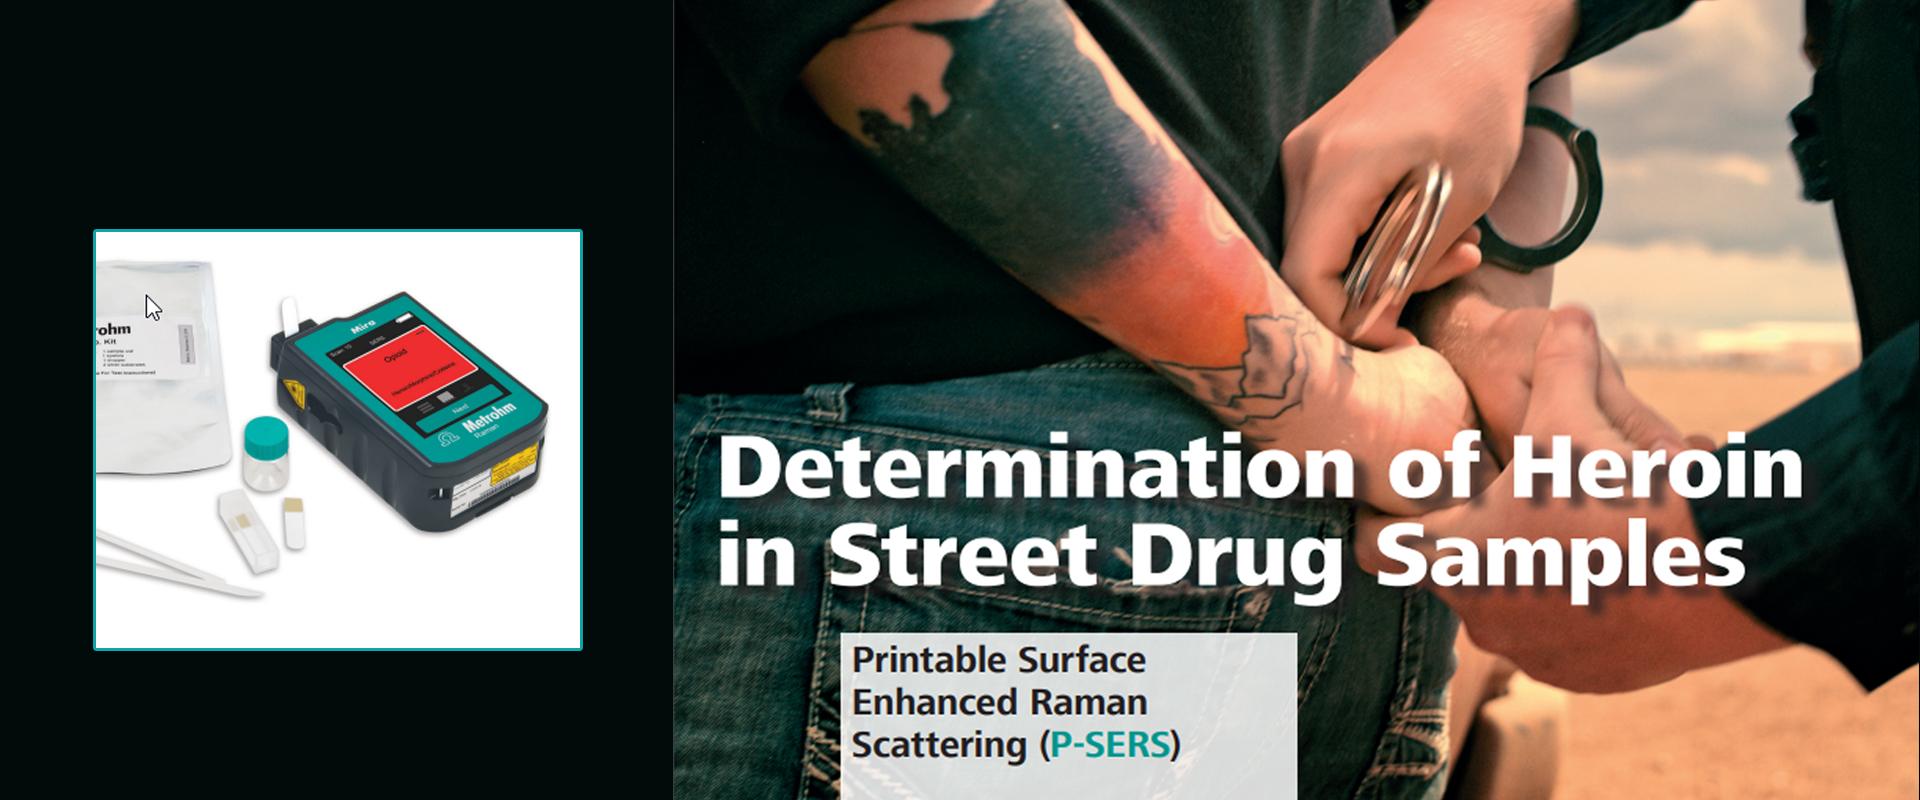 Identificação de heroína em amostras de drogas de rua